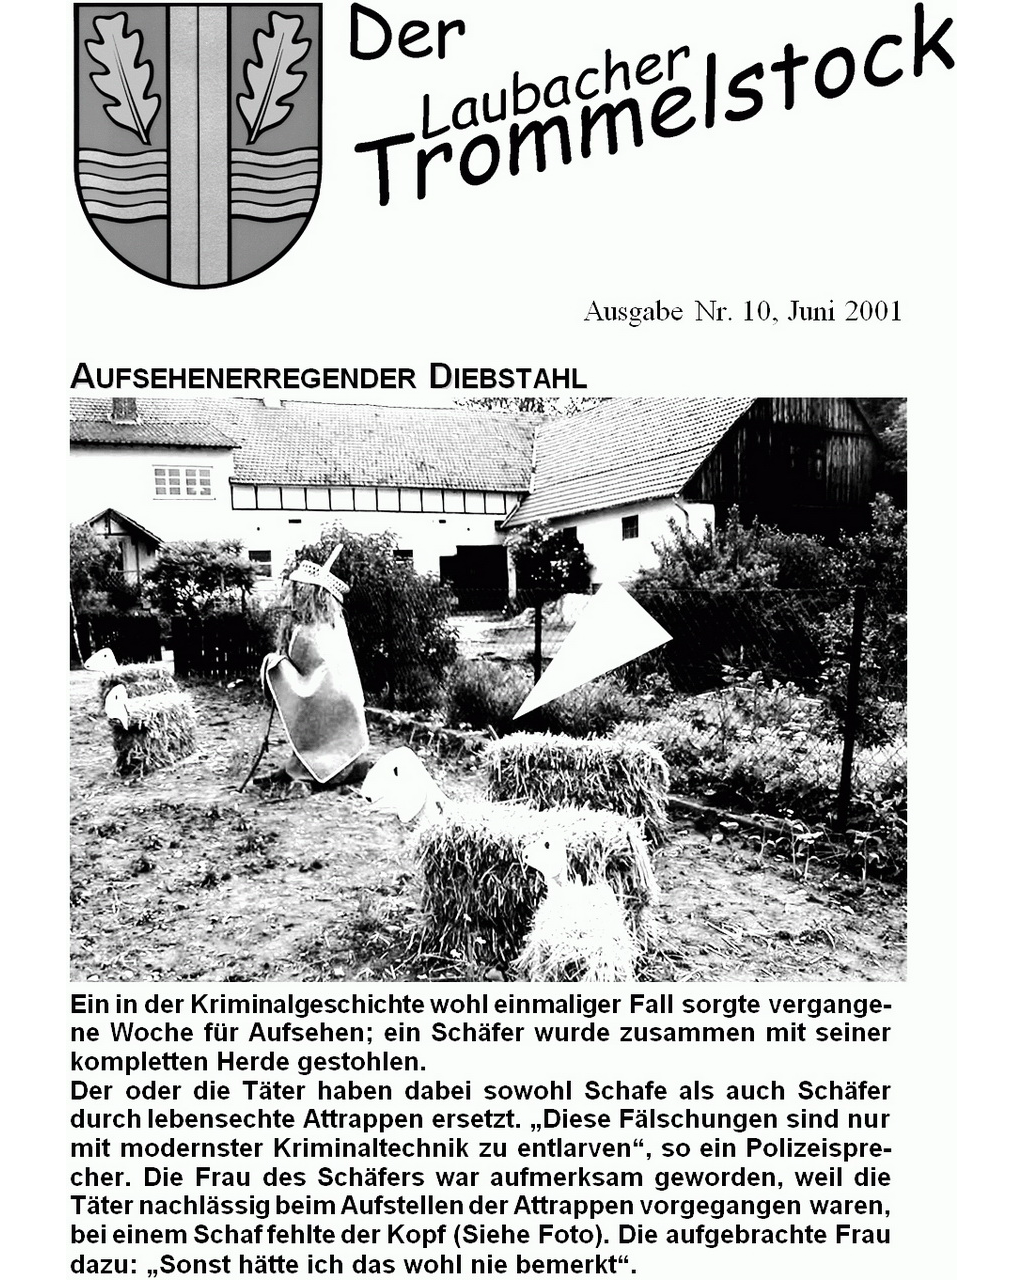 Laubacher-Trommelstock-Titelseite-010